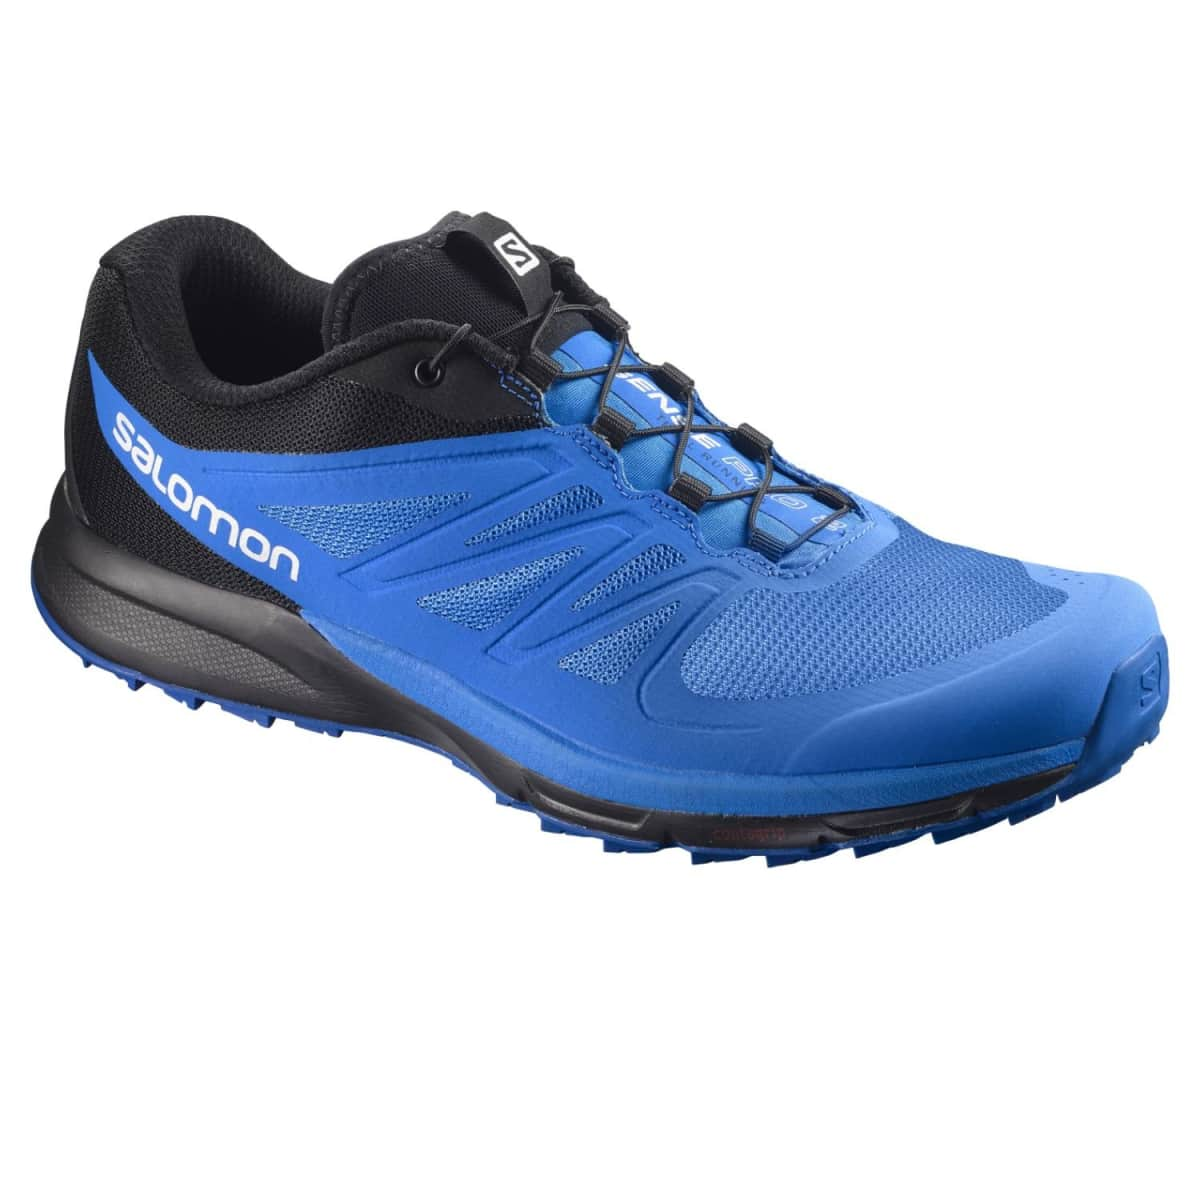 promo code for salomon mens xt hornet trail running shoe